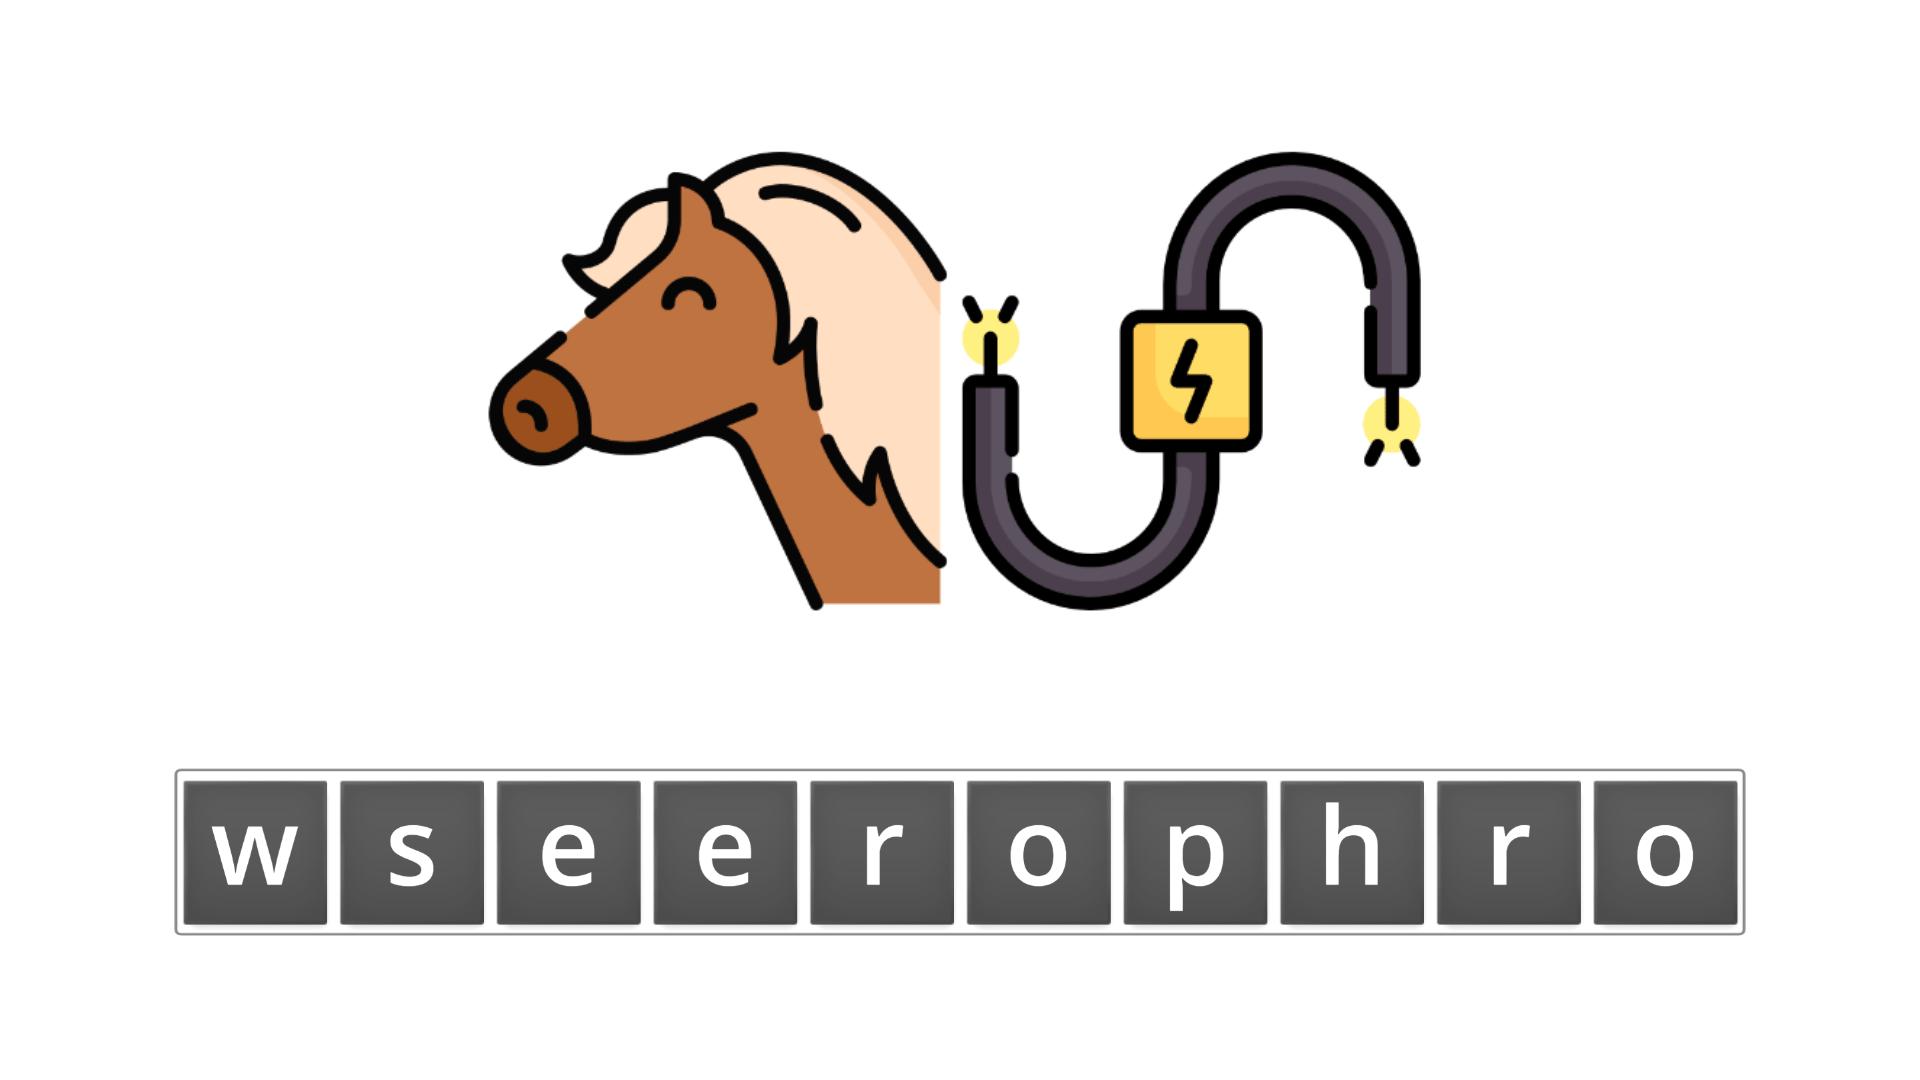 esl resources - flashcards - compound nouns  - unscramble - horsepower